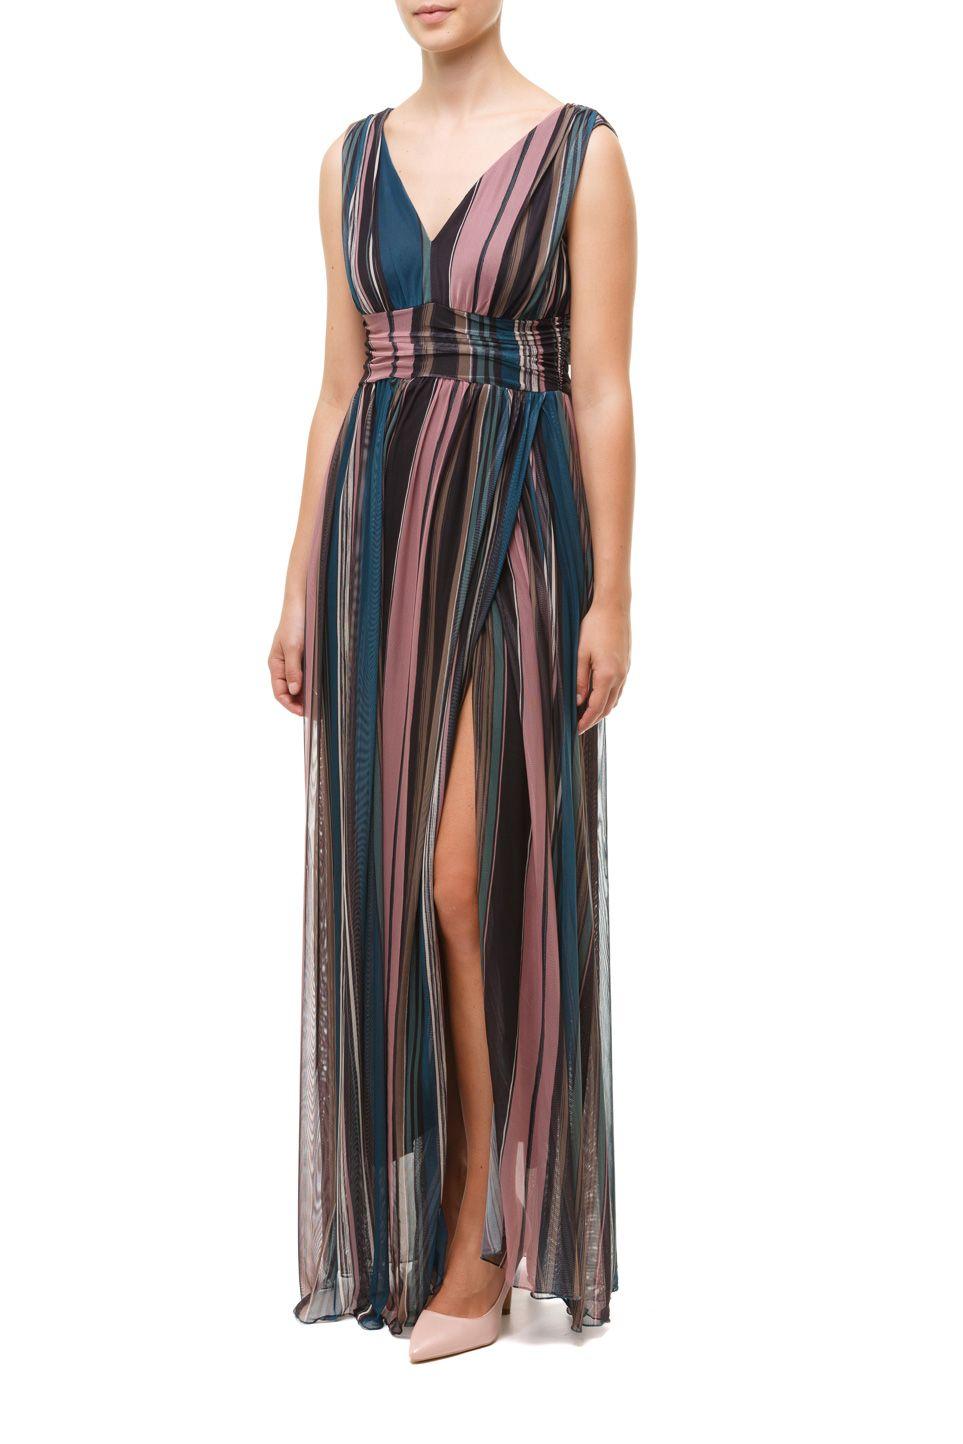 5551024182b3 Elegante abito lungo Nuna Lie collezione inverno 2018 2019 470x705 - Abiti  Capodanno 2019  Nuna